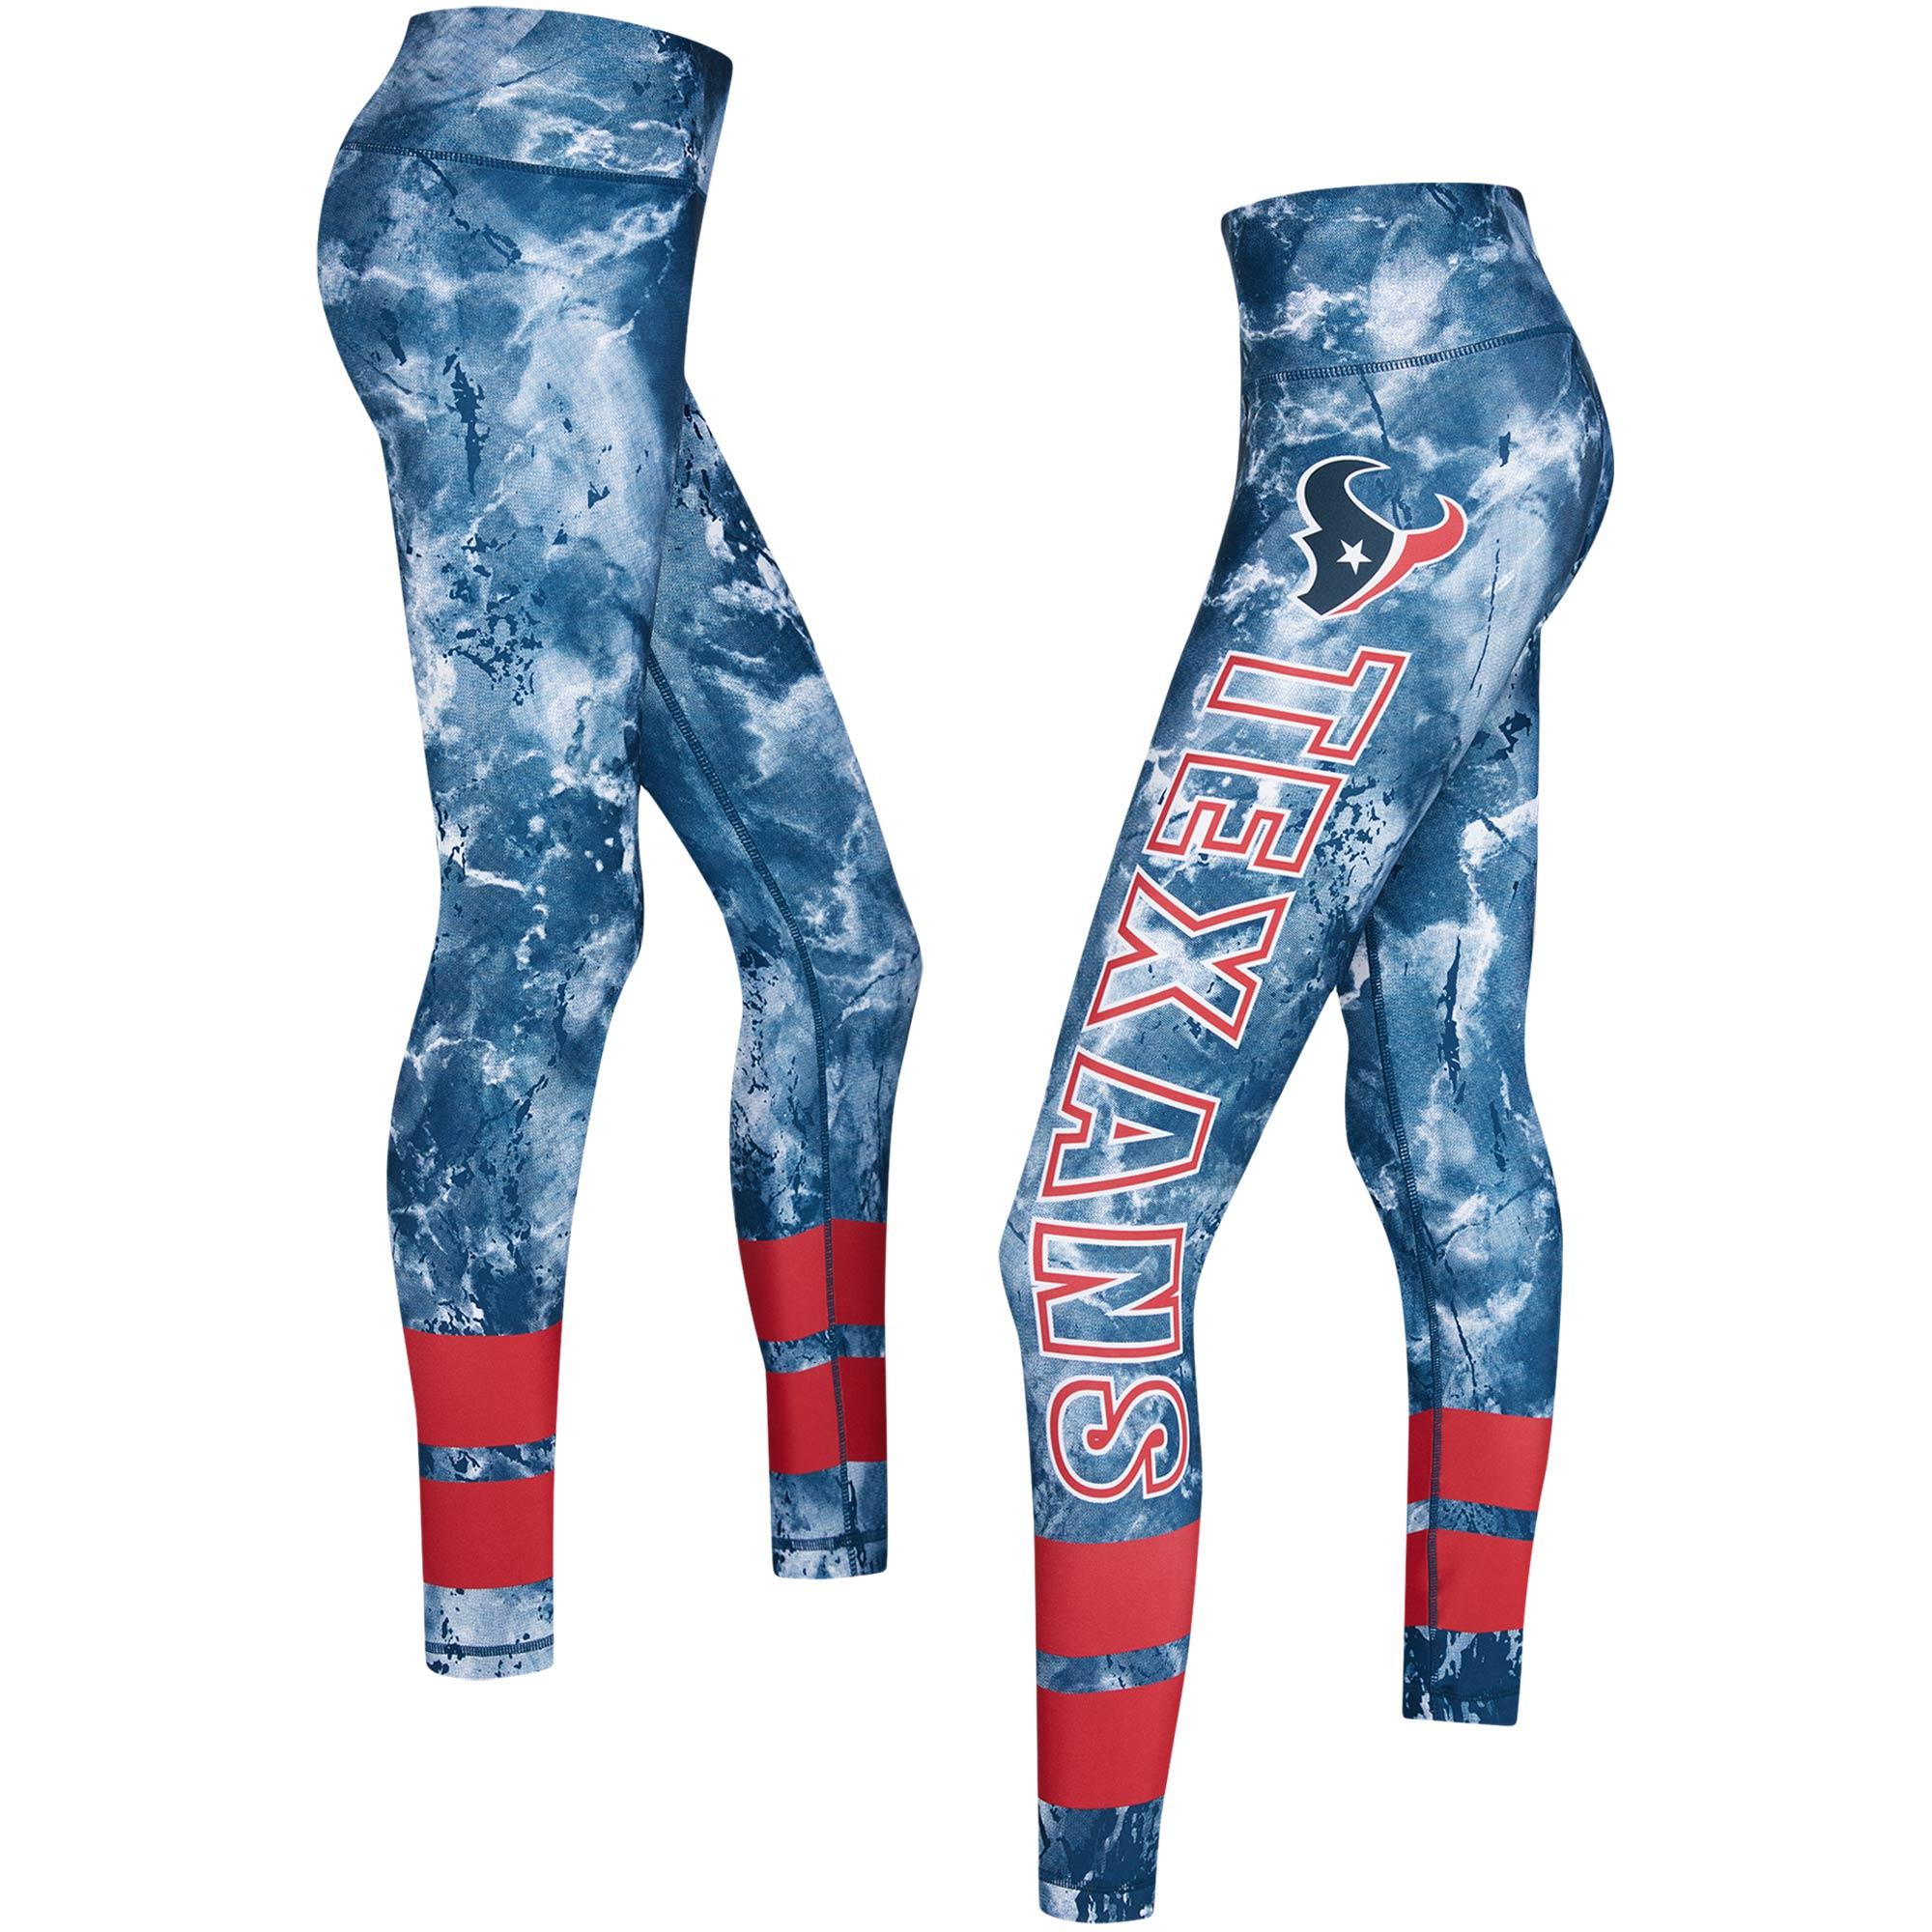 Houston Texans Concepts Sport Women's Dormer Knit Leggings - Navy/Red